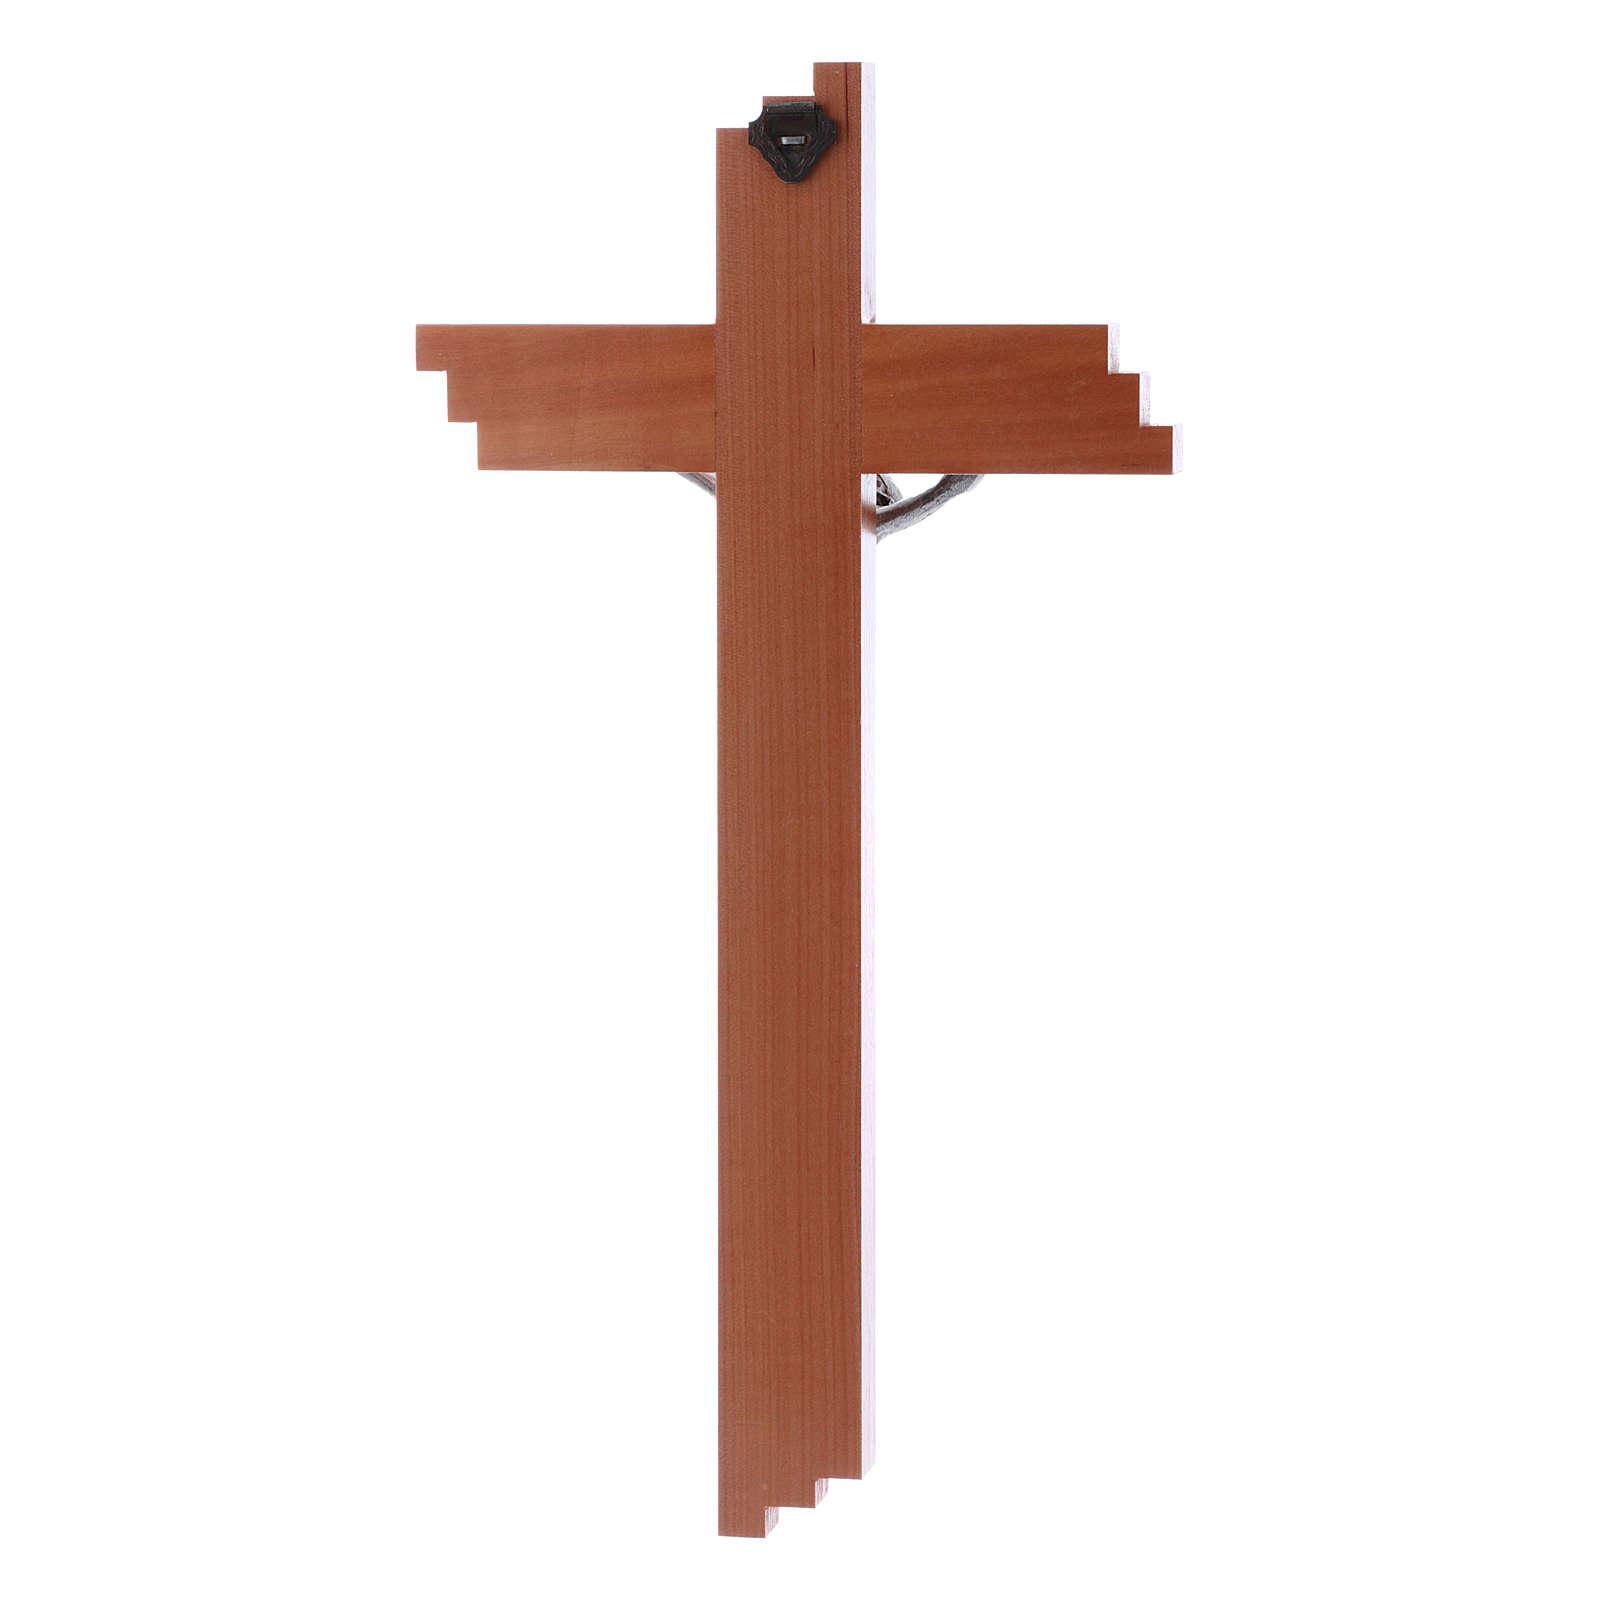 Crucifijo moderno de madera de peral 25 cm con cuerpo metálico 4